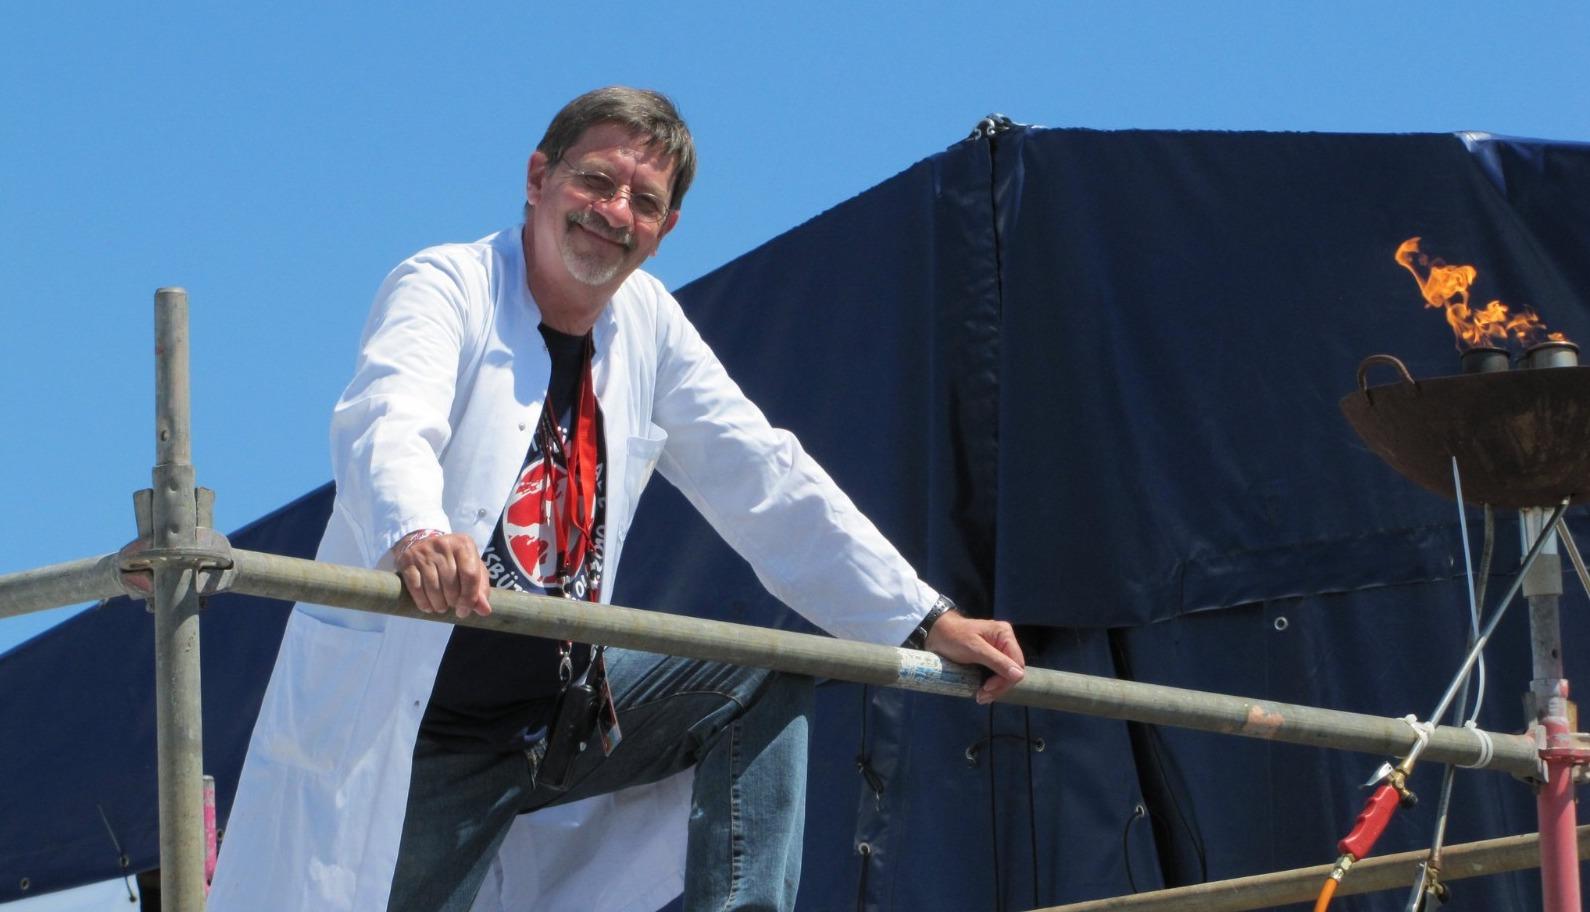 Der Wattikan trauert um Dieter Wölfert